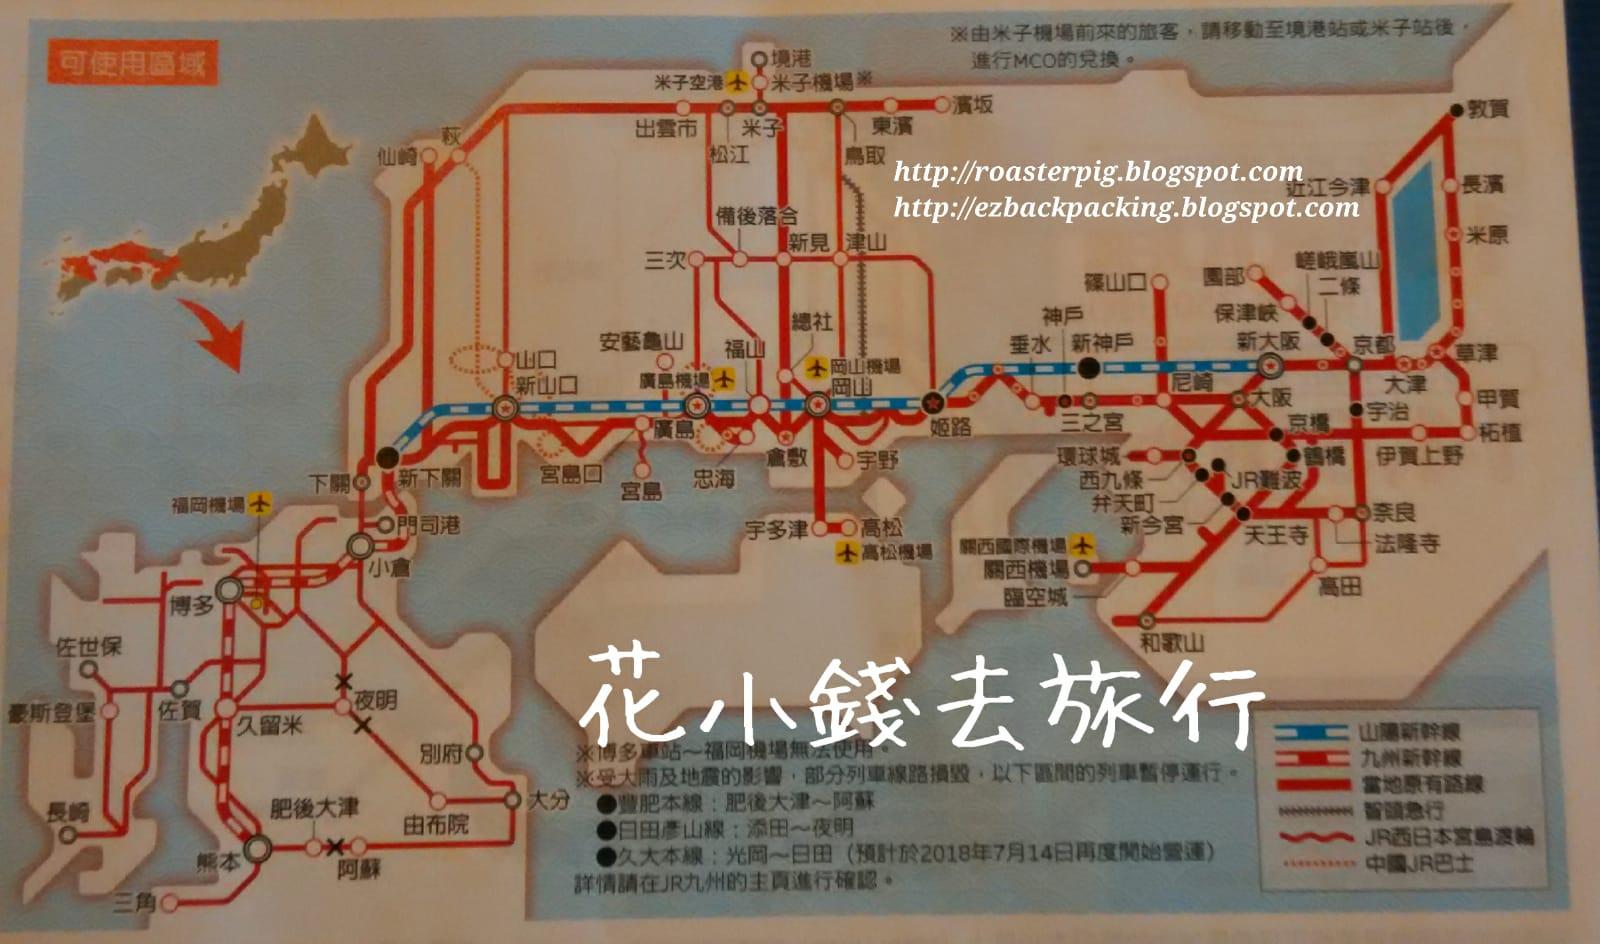 2020年JR山陽山陰北九州鐵路周遊券+JR PASS點評 - 花小錢去旅行